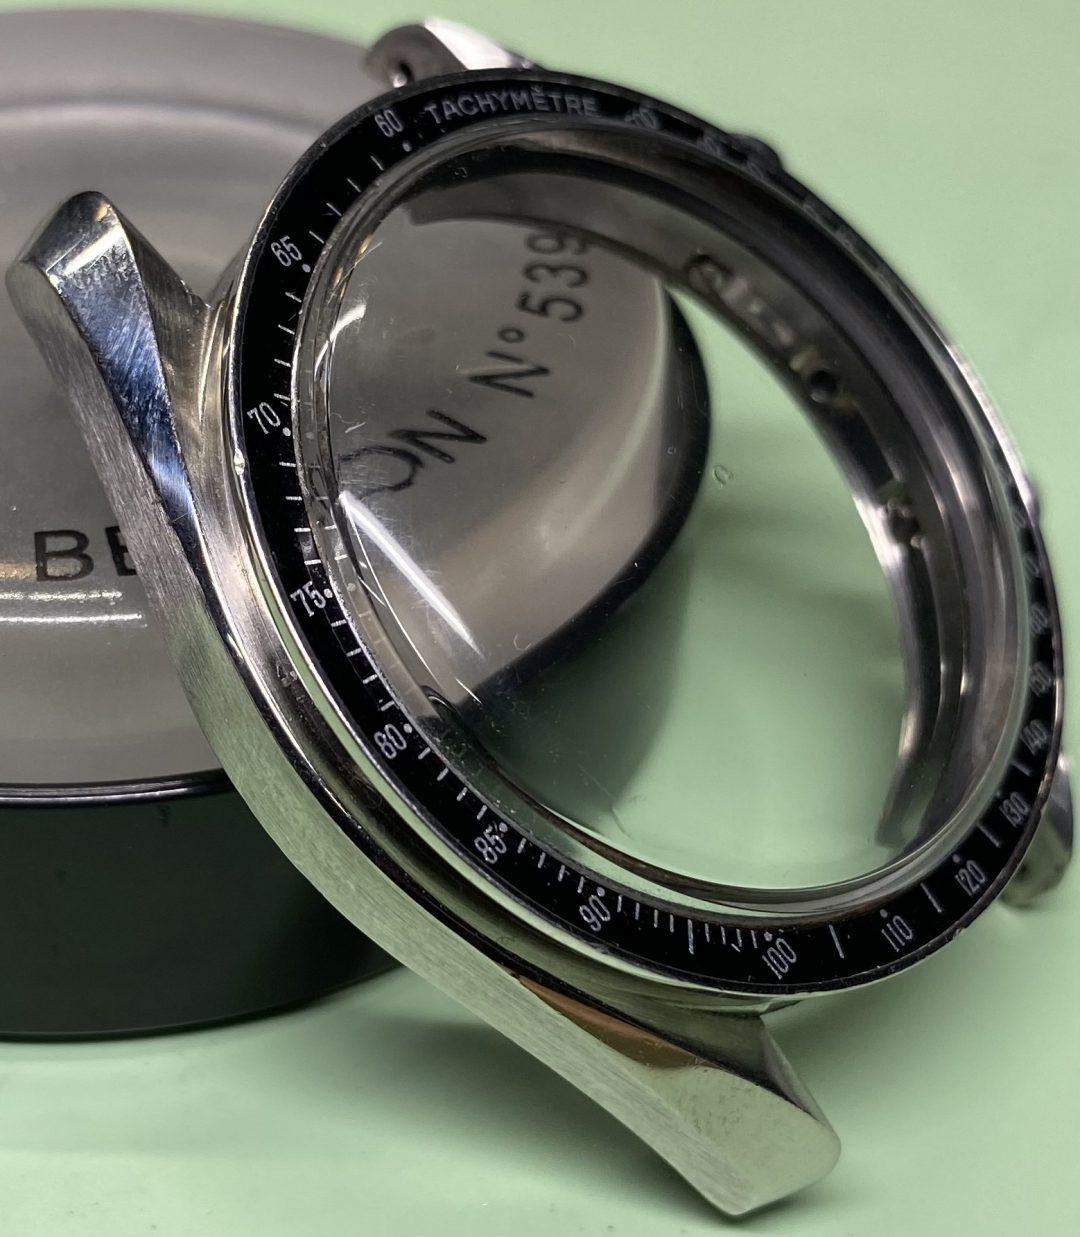 オメガスピードマスターの時計ブレスレットの磨き直し修理